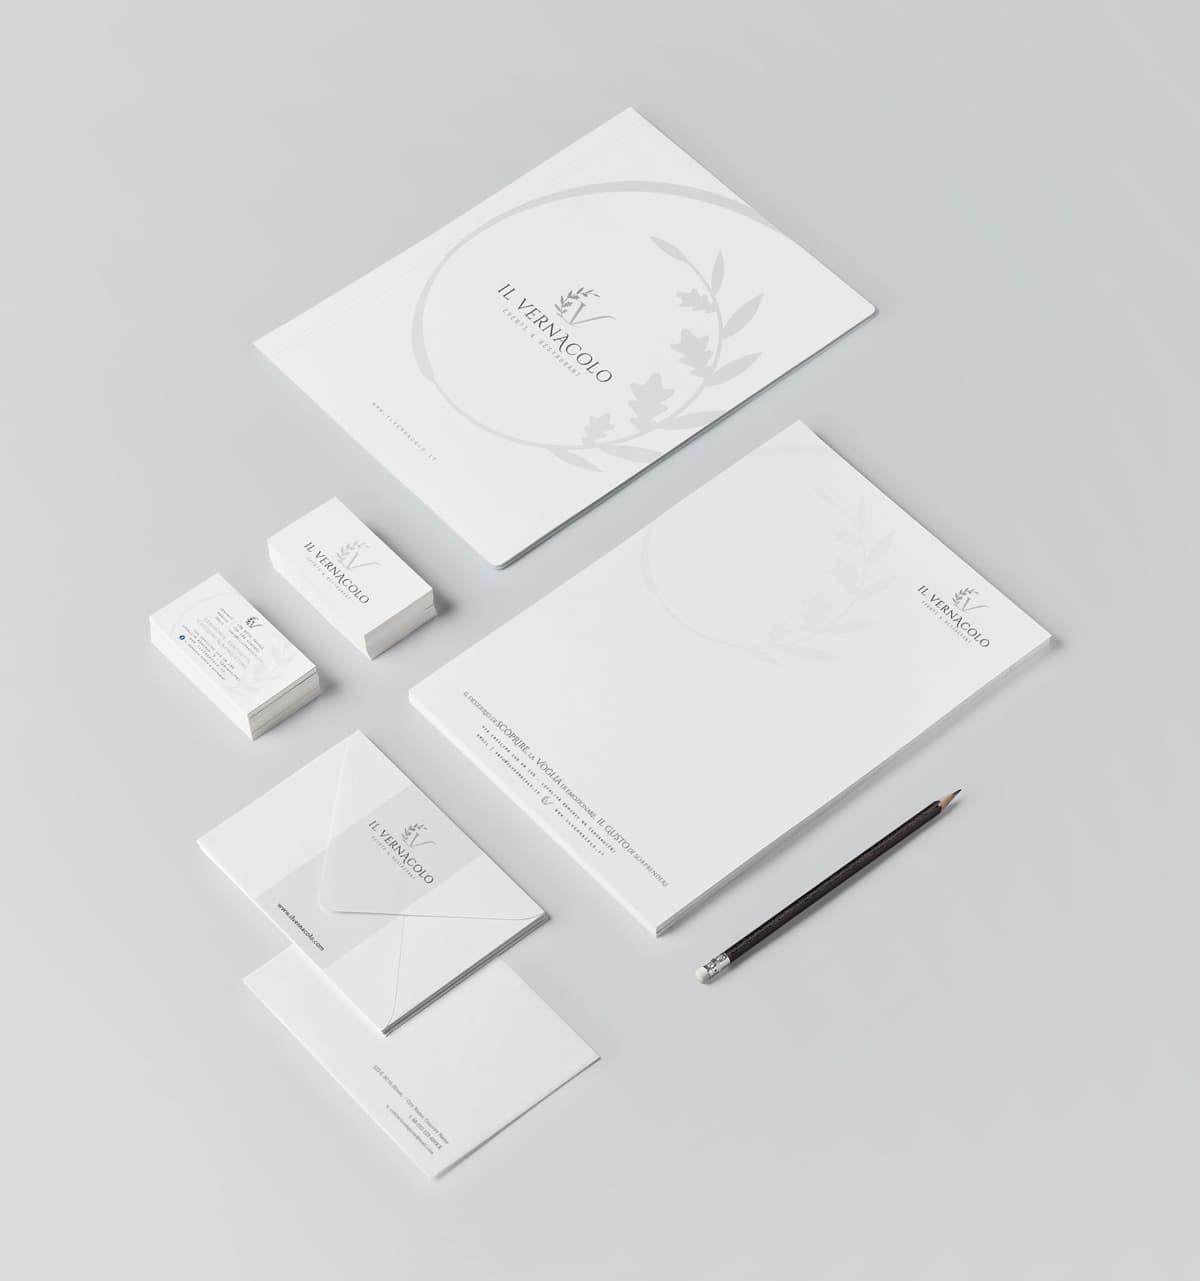 Realizzazione grafica-logo-immagine coordinata-studio-grafico-cassino-formia-web-design-siti-web-mobile-app-pubblicità-volantini-marketing-fotografia-fotografo-cataloghi-